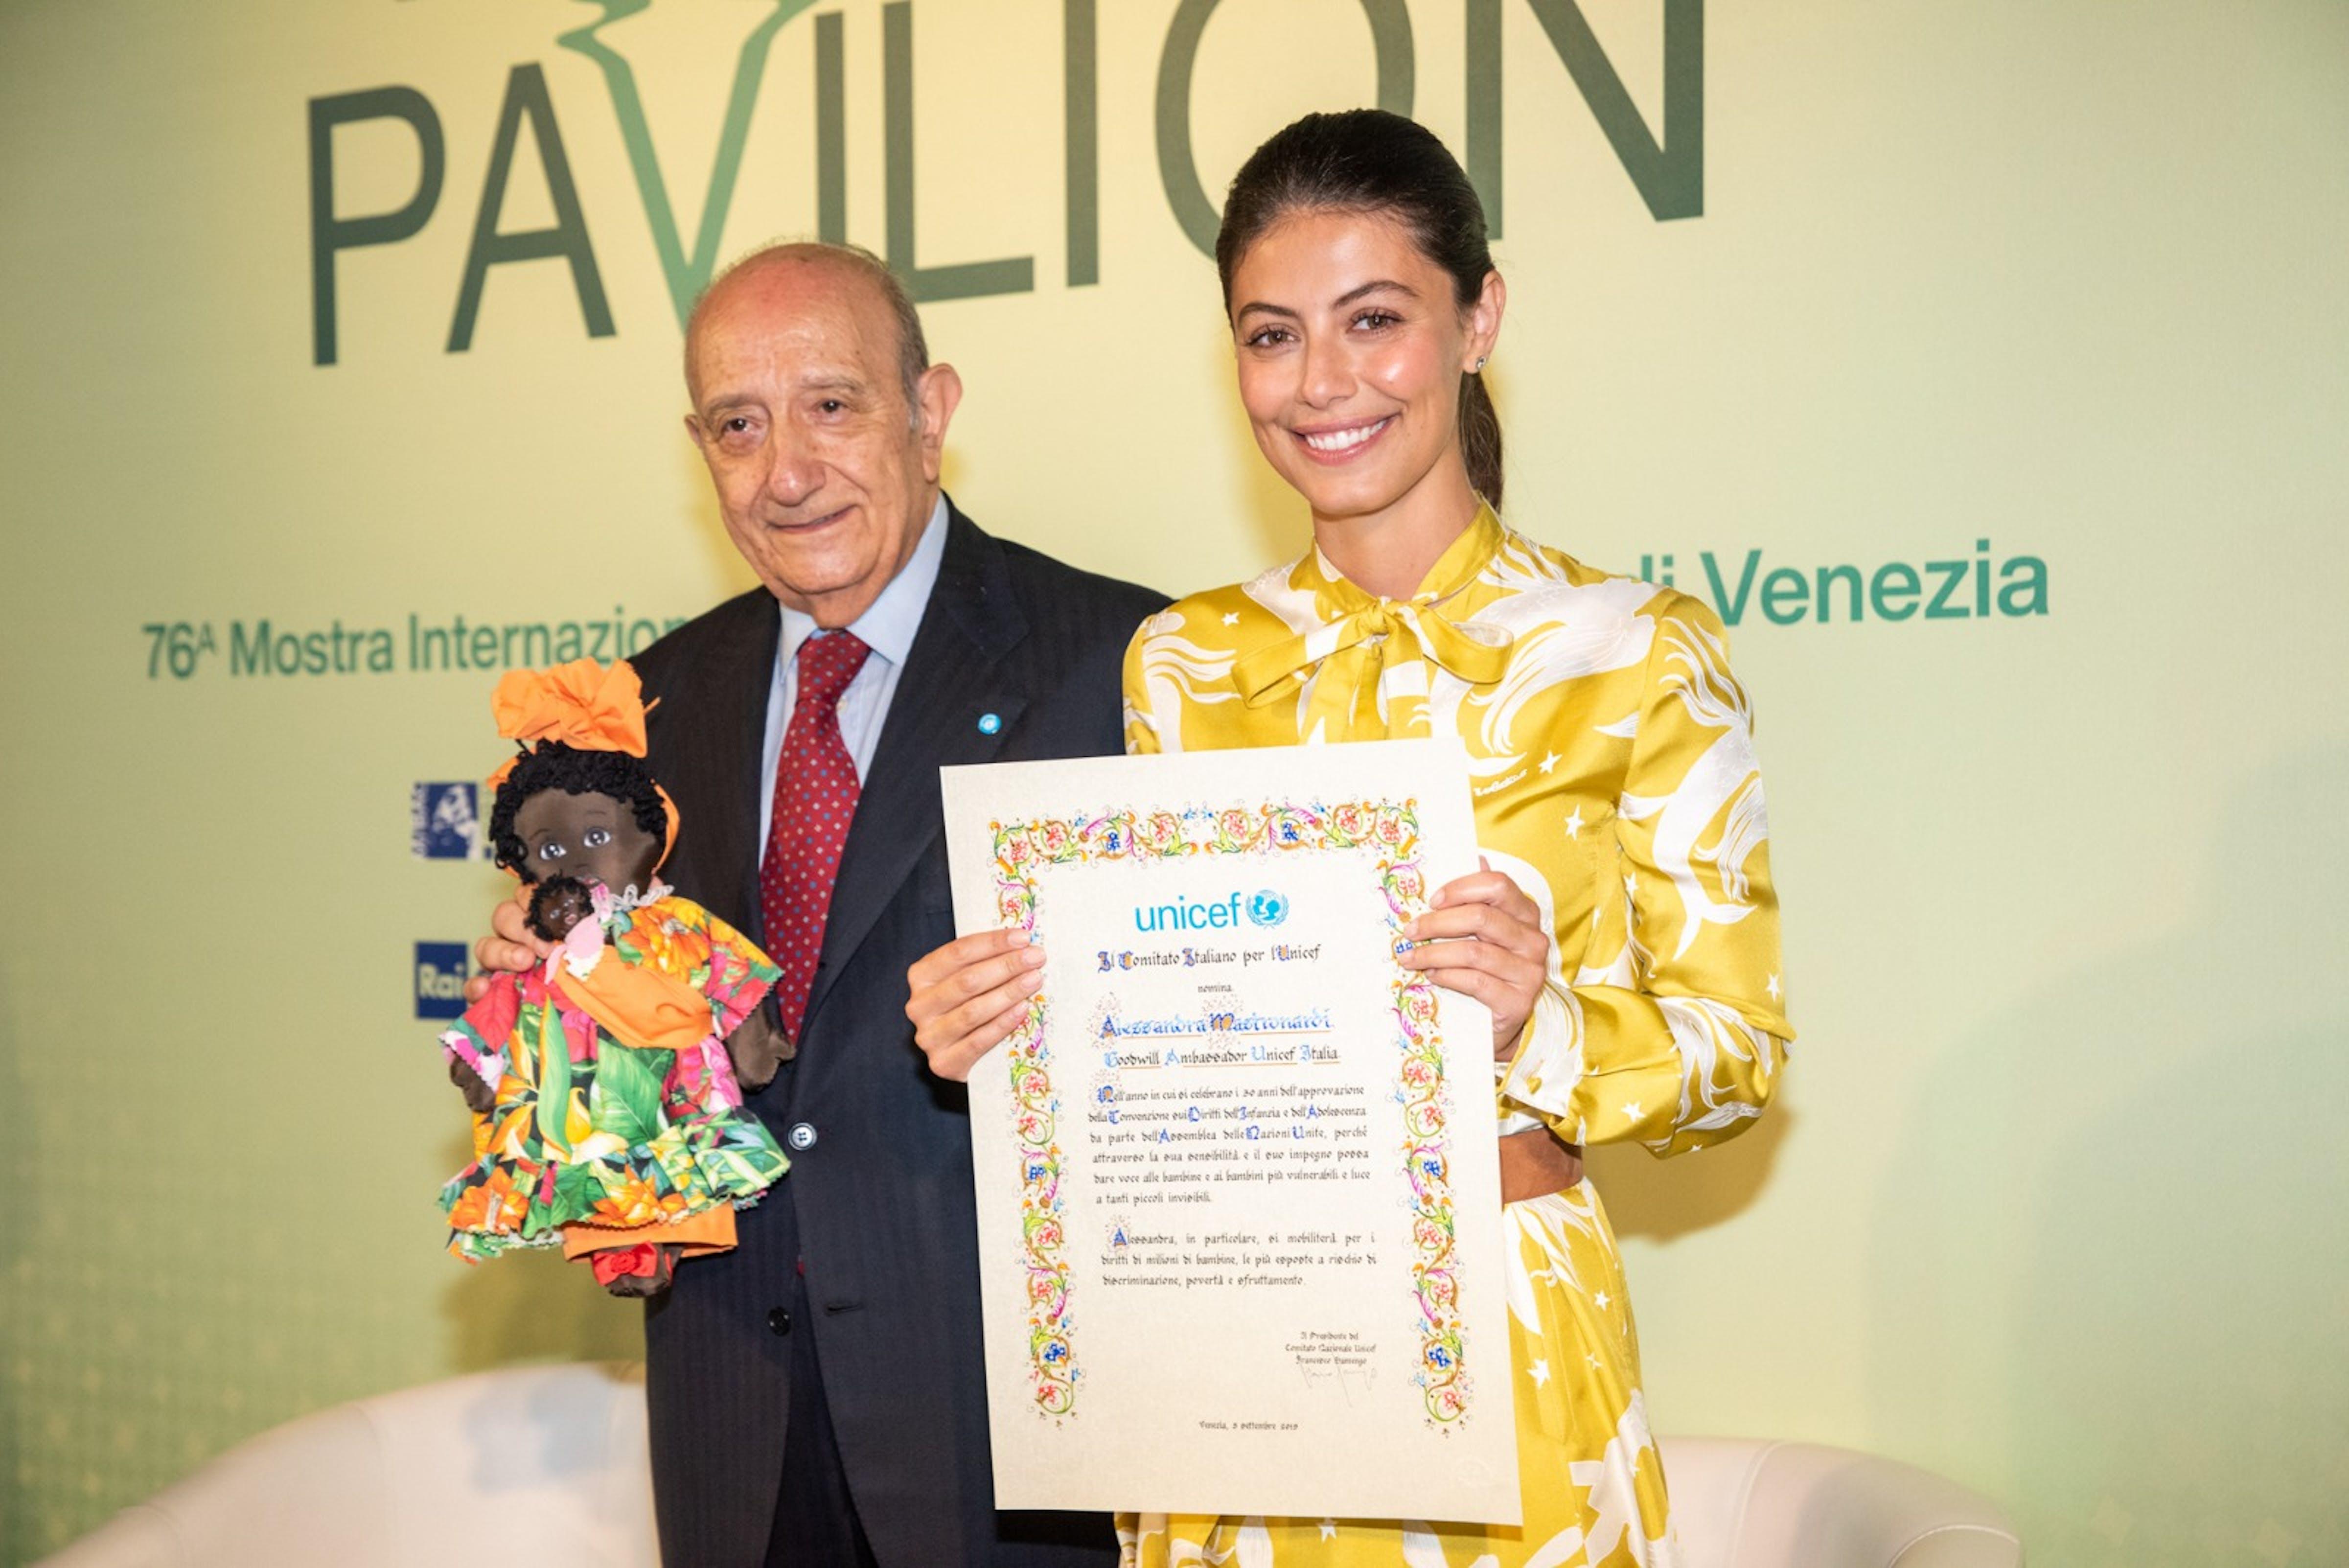 La consegna dell'attestato di nomina a Goodwill Ambassador da parte del presidente dell'UNICEF Italia F. Samengo ad Alessandra Mastronardi - ©Giacomo Cosua per UNICEF Italia/2019